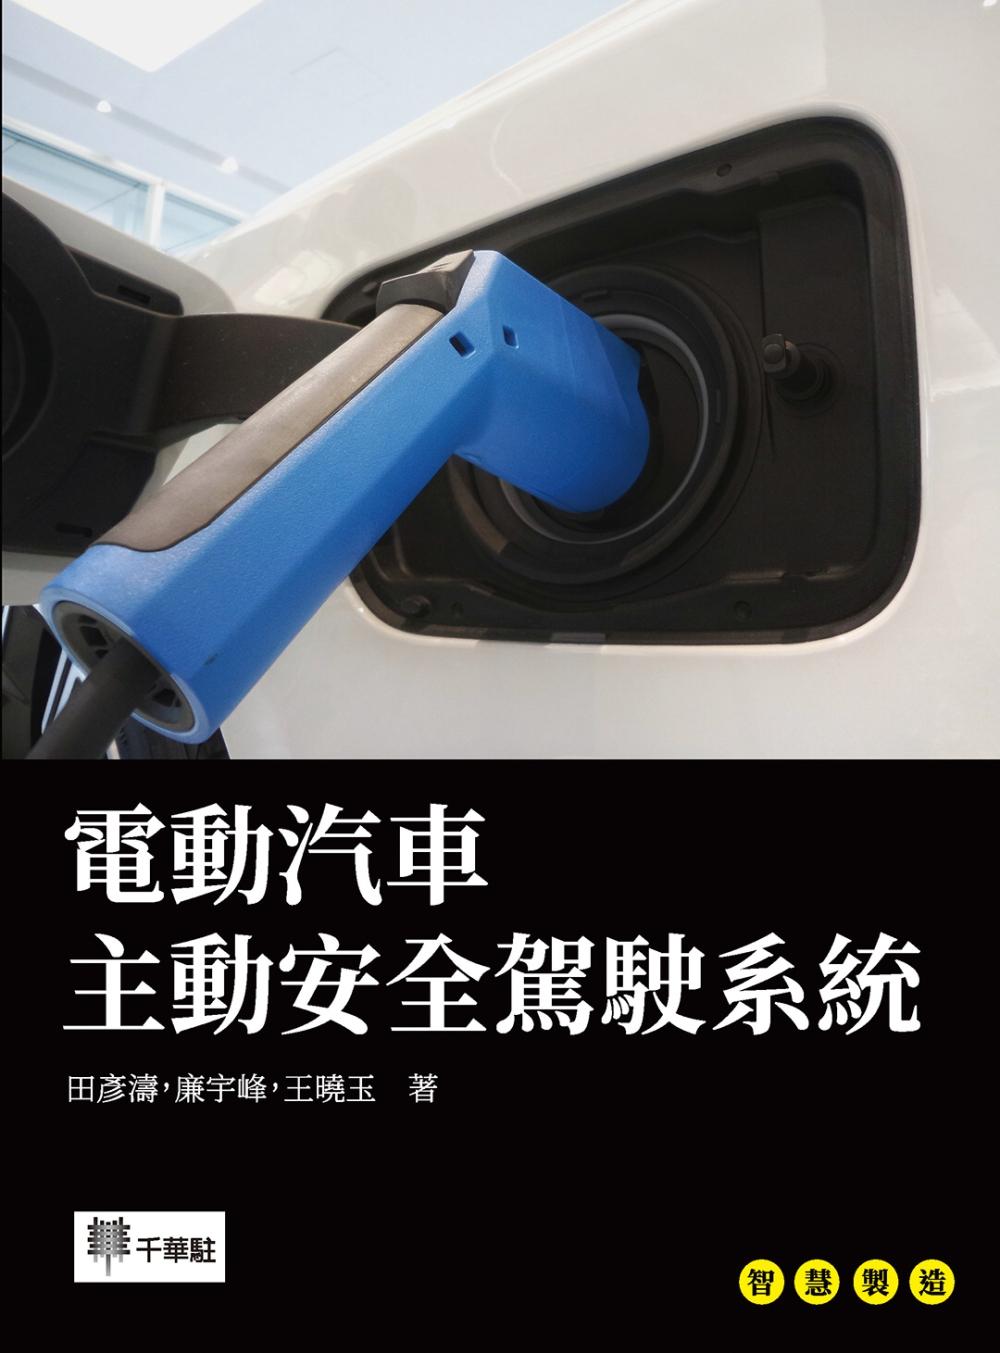 電動汽車主動安全駕駛系統